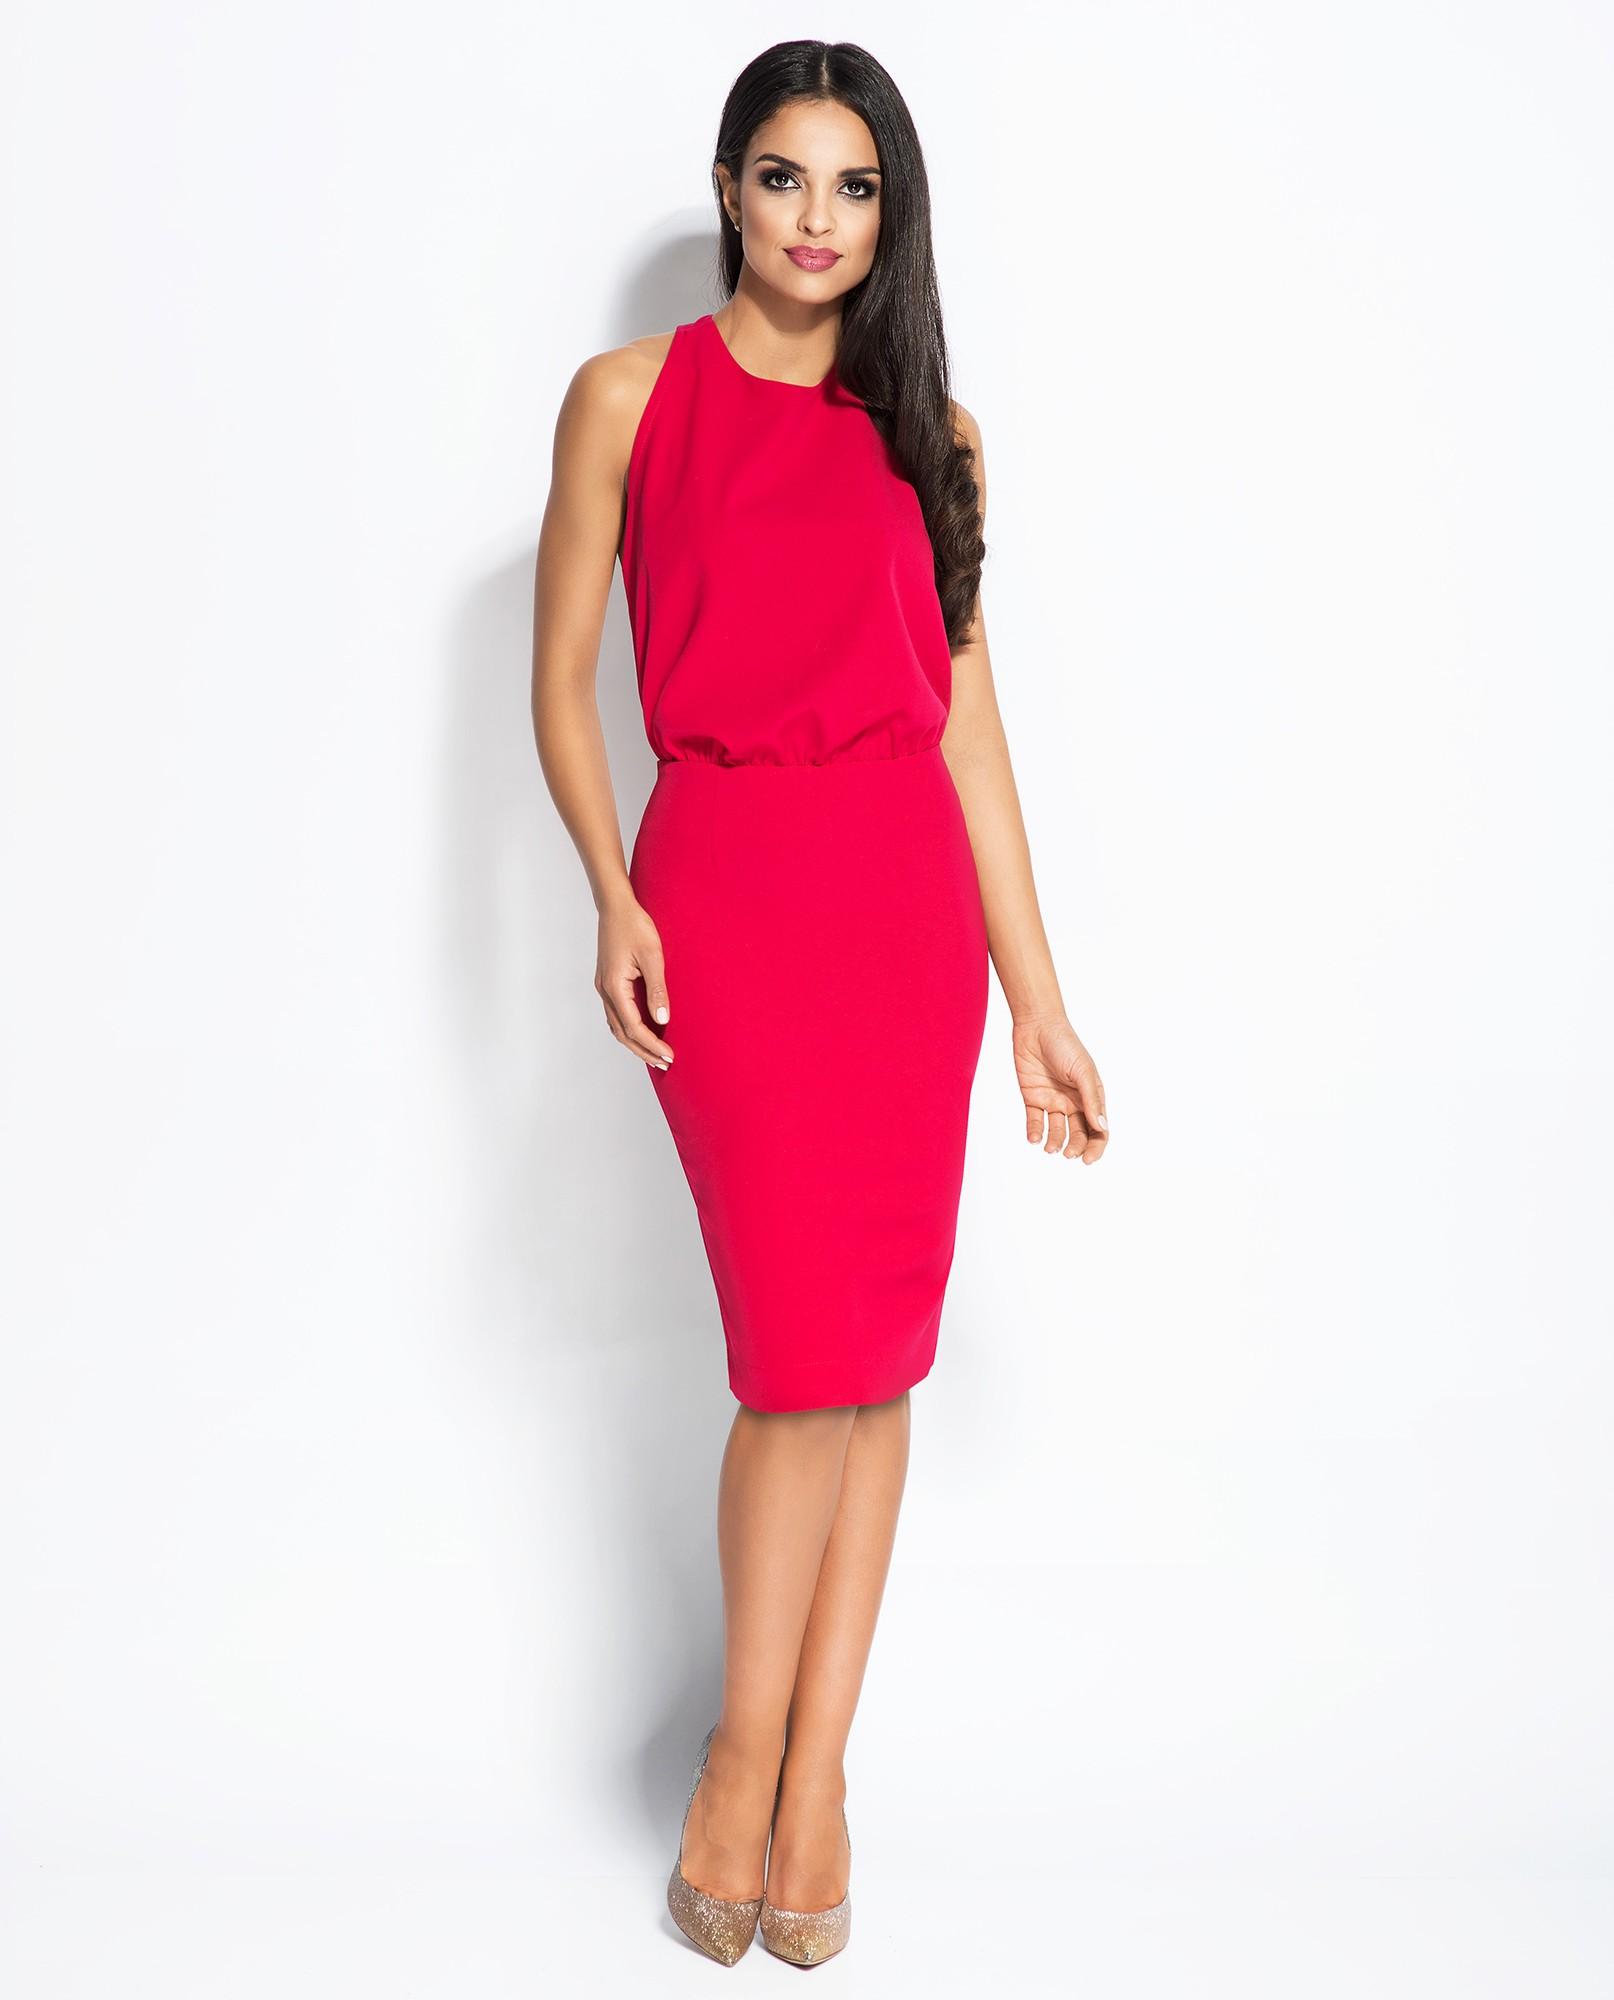 Hersteller von Damenbekleidung Damenmode Online-Shop Polen